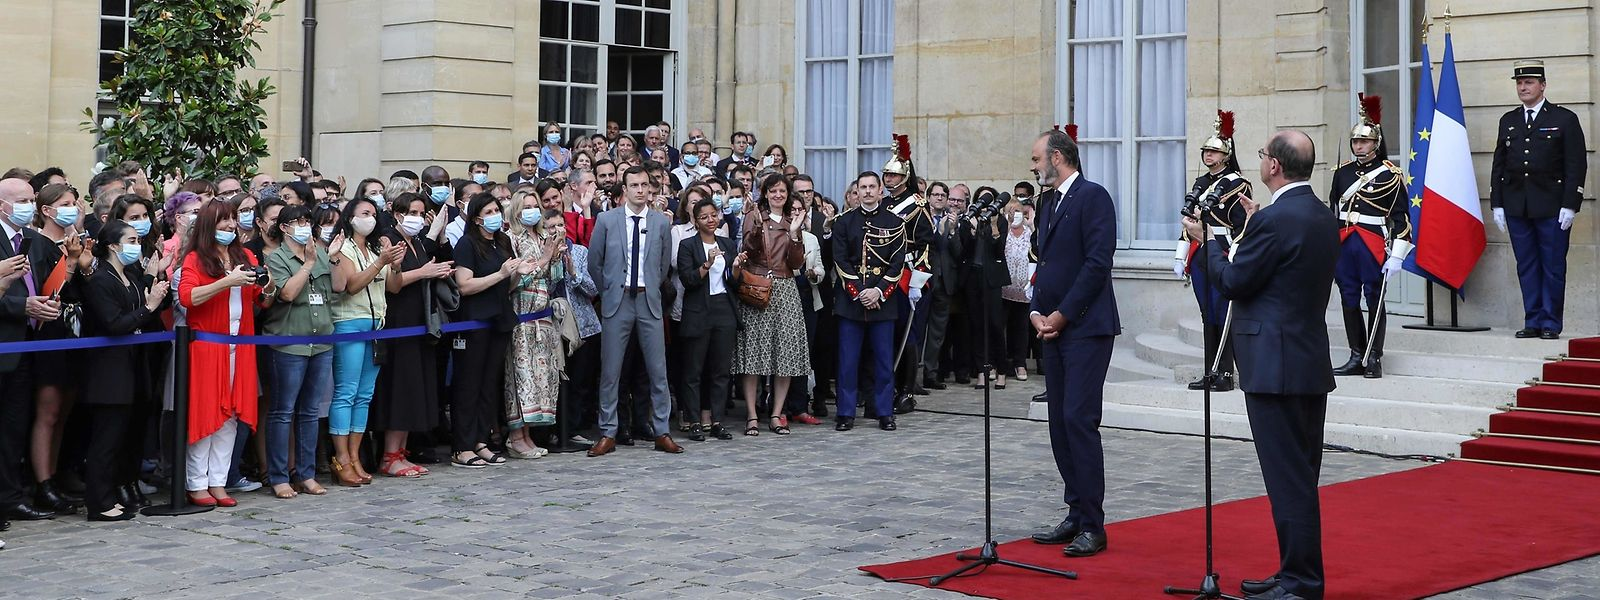 Jean Castex (rechts) ist Frankreichs neuer Premierminister.